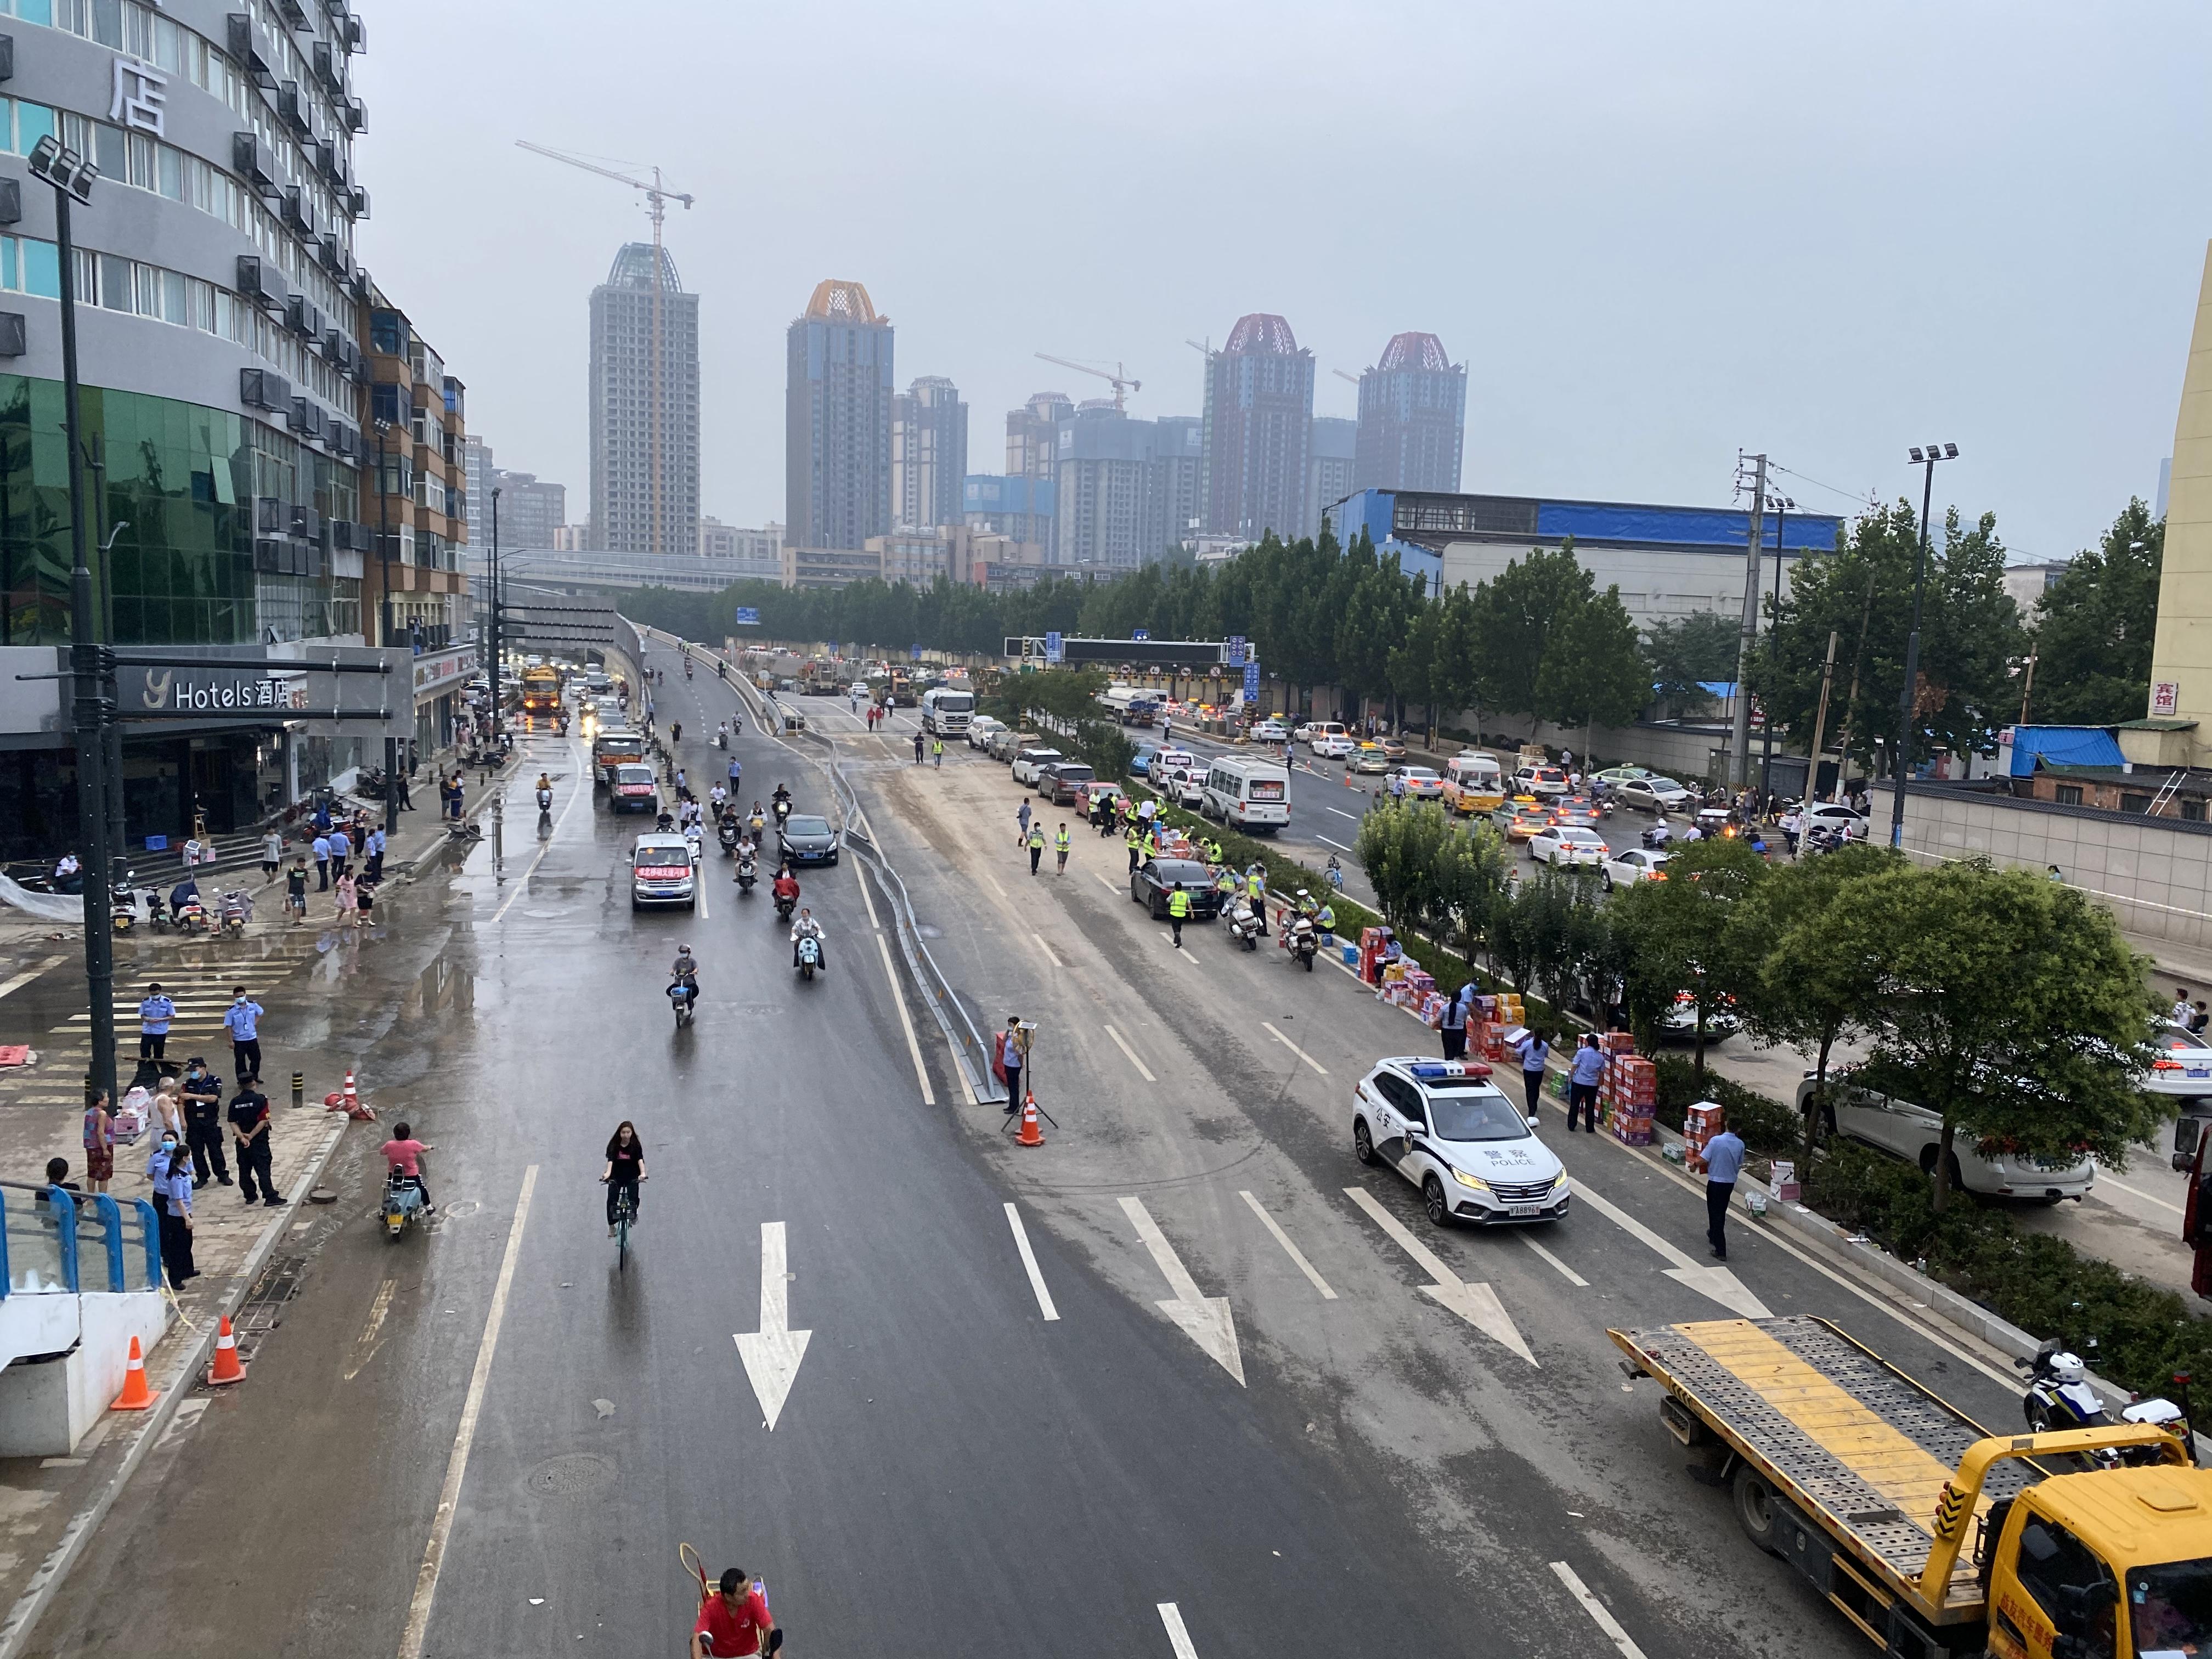 京广北路隧道口处(京广路与陇海路交叉口)救援现场